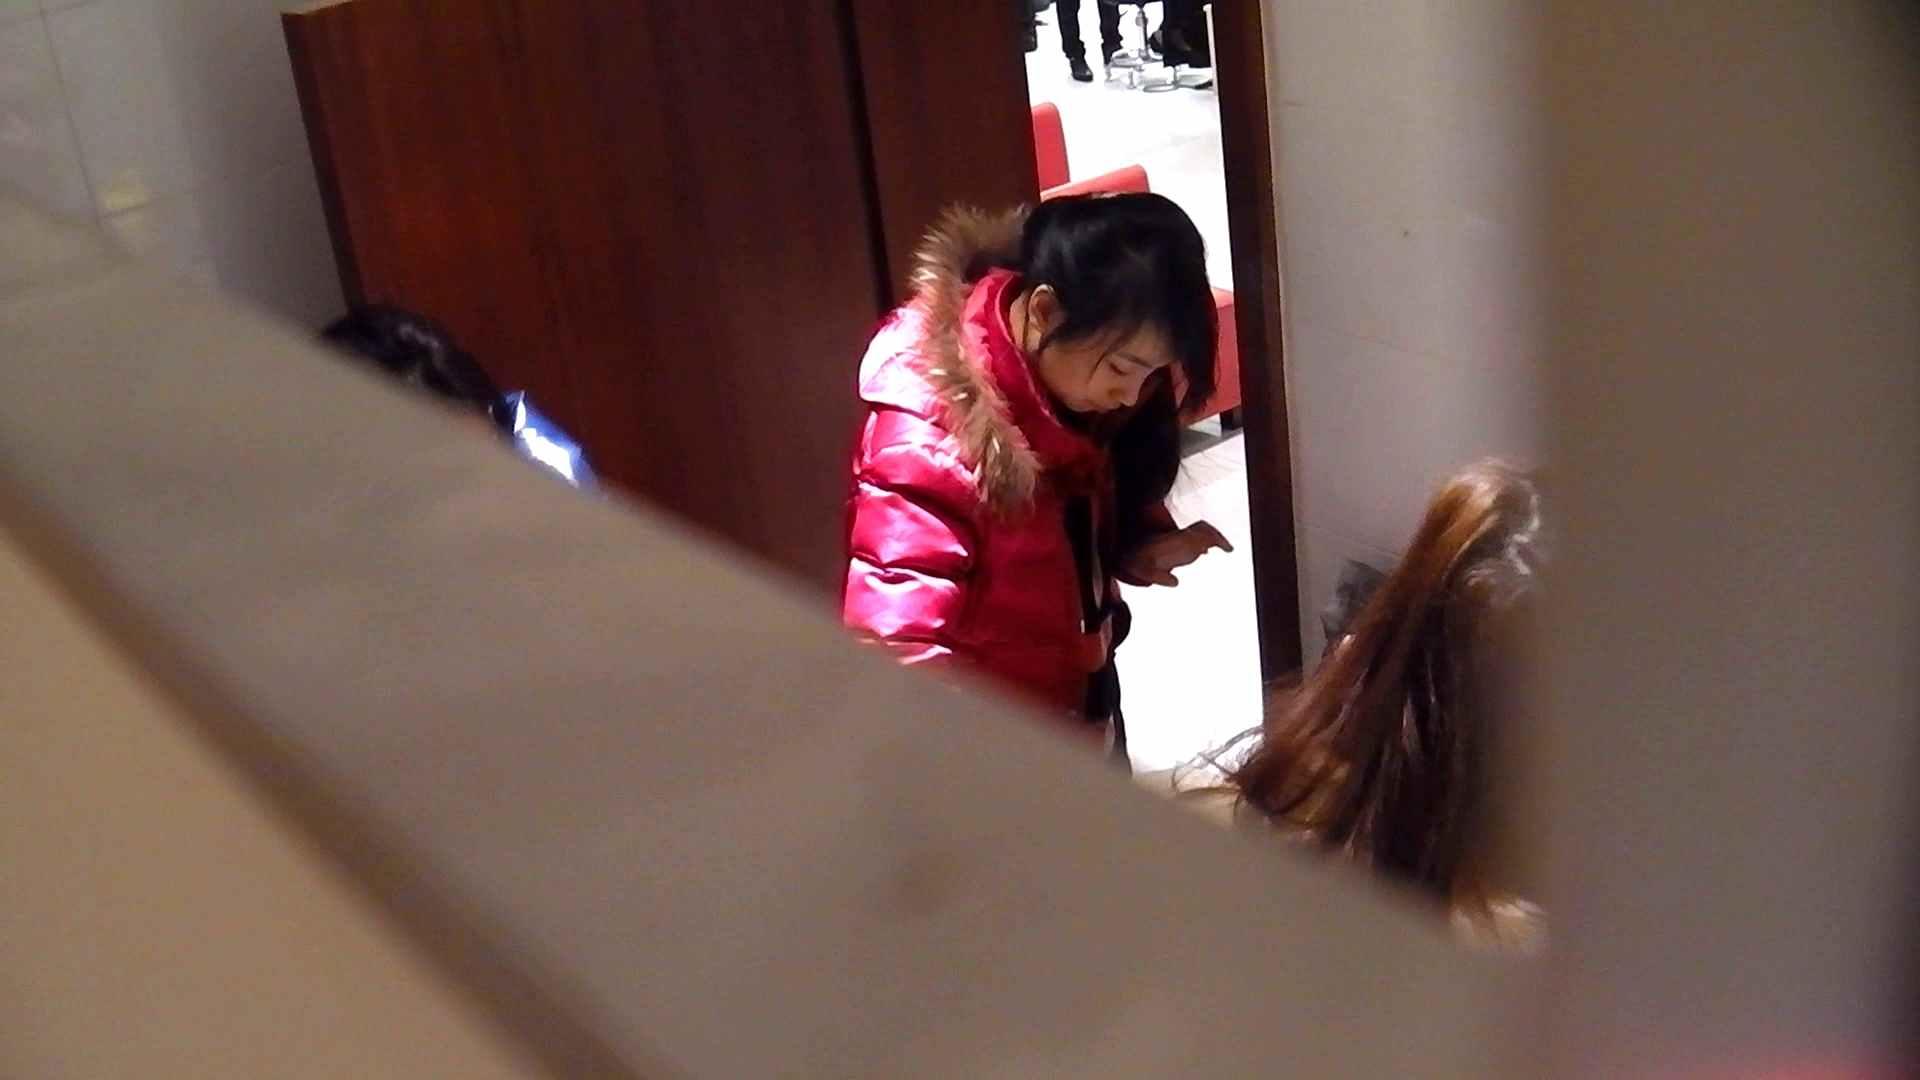 洗寿観音さんの 化粧室は四面楚歌Nol.1 洗面所  86PIX 34